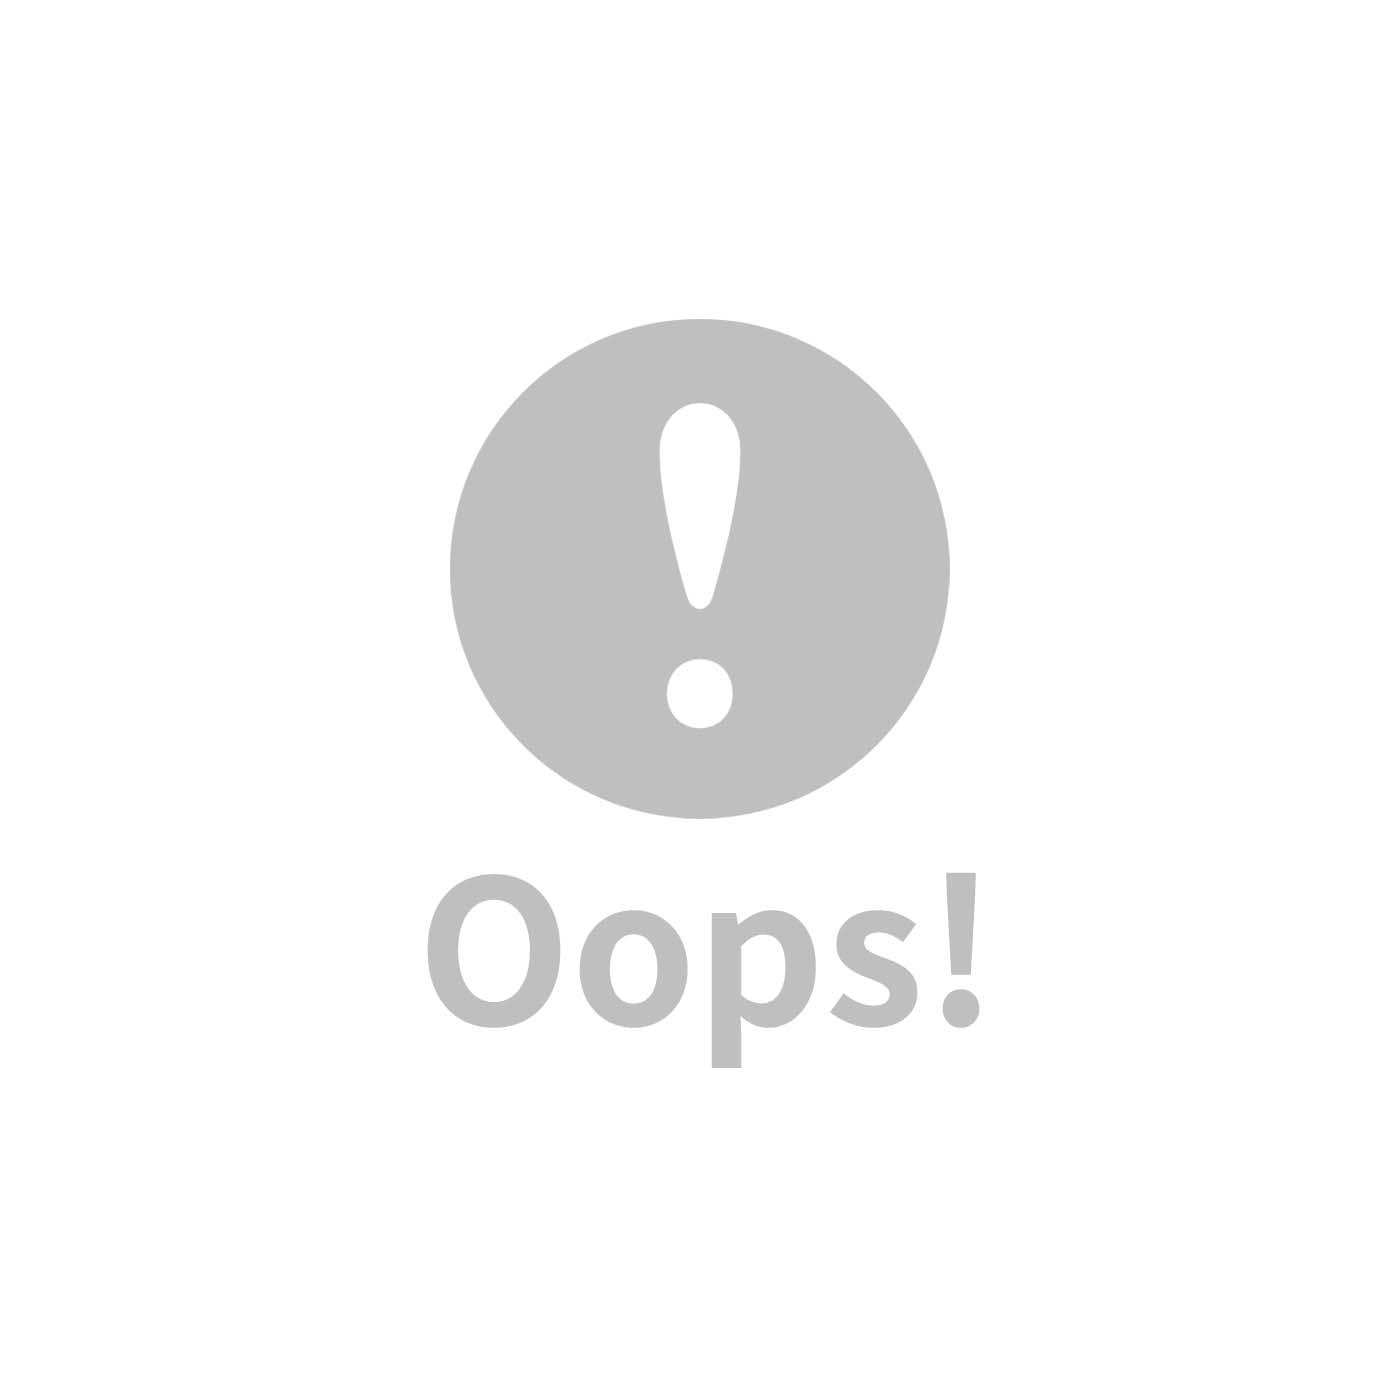 Cuna Tent x Sagepole成長美學小木屋地墊 (五角形)